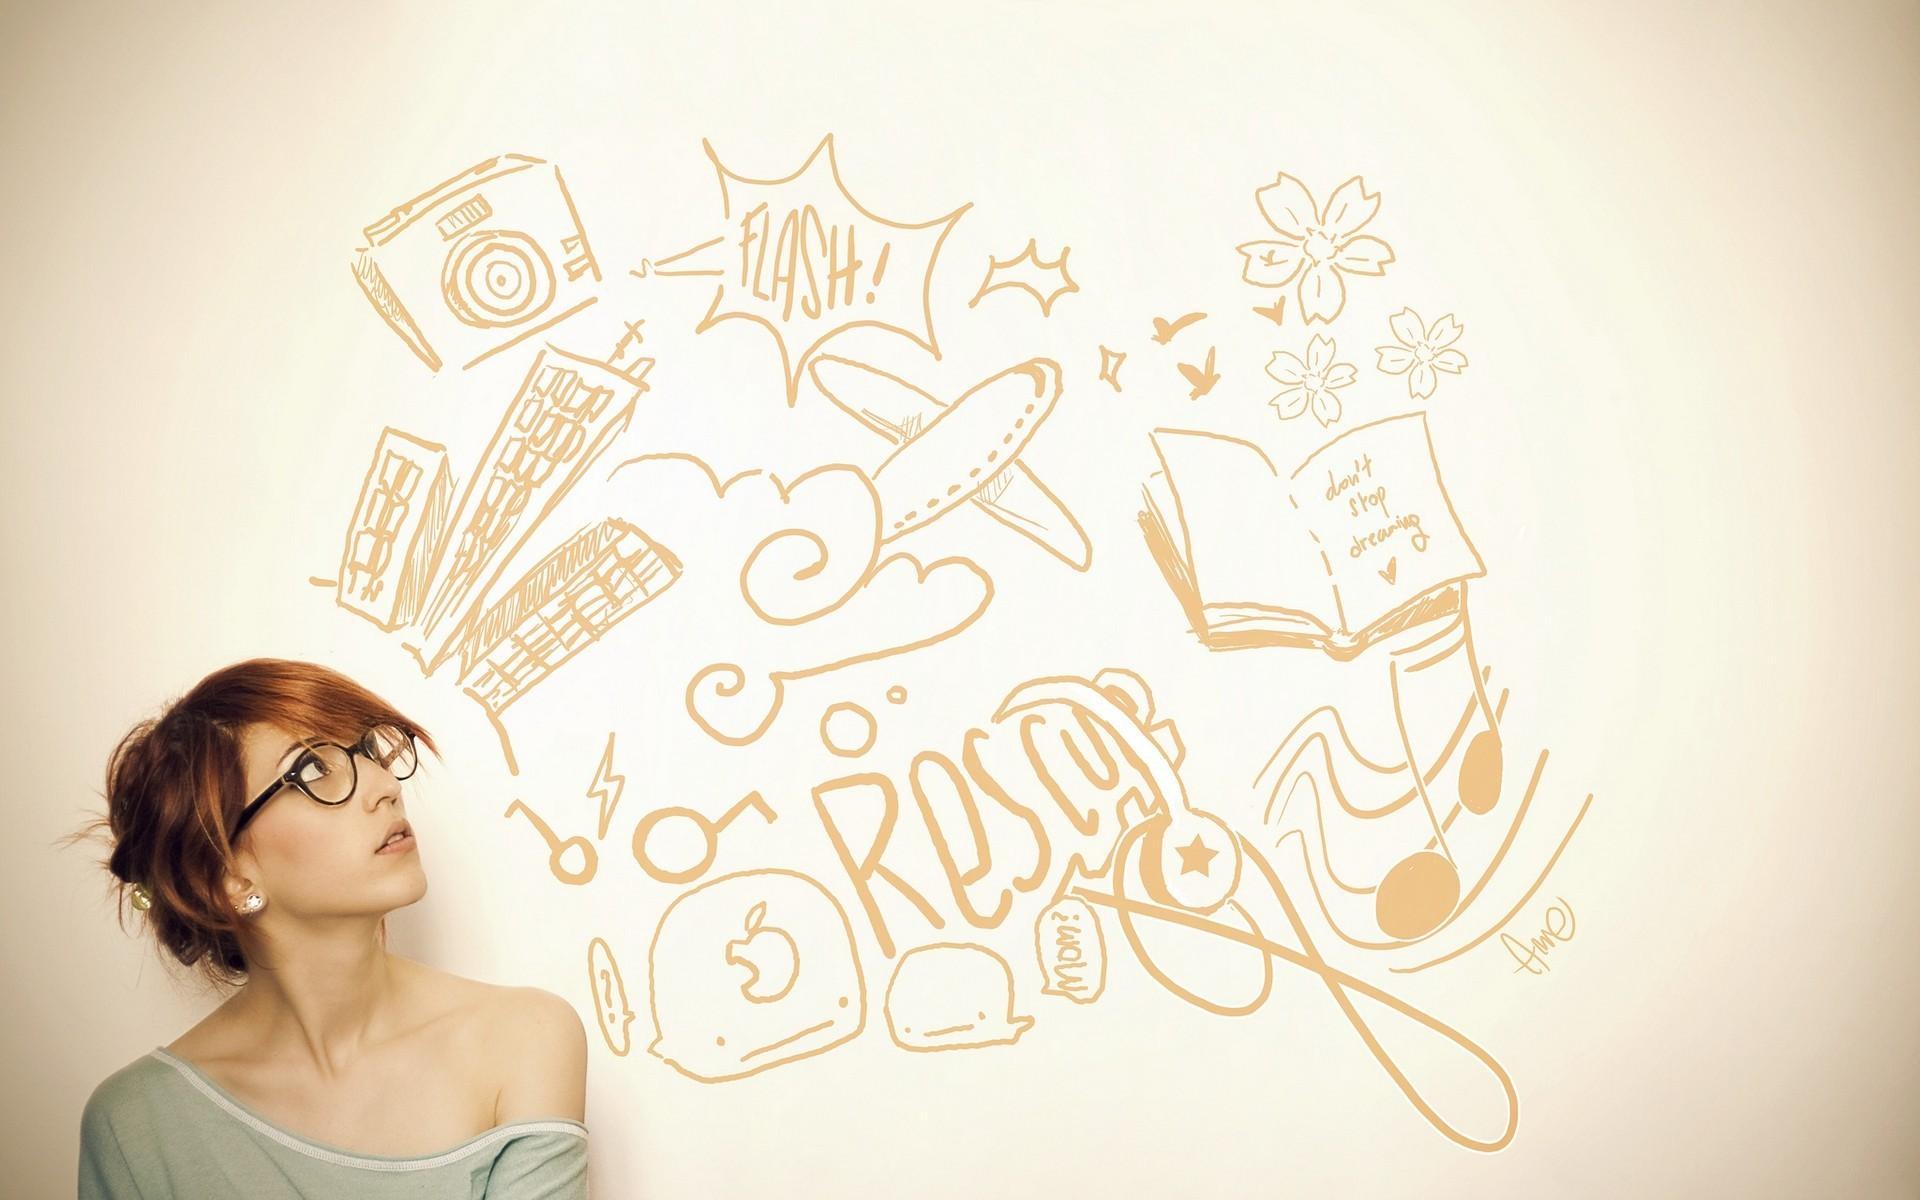 Картинки мысли девушек, годовасием